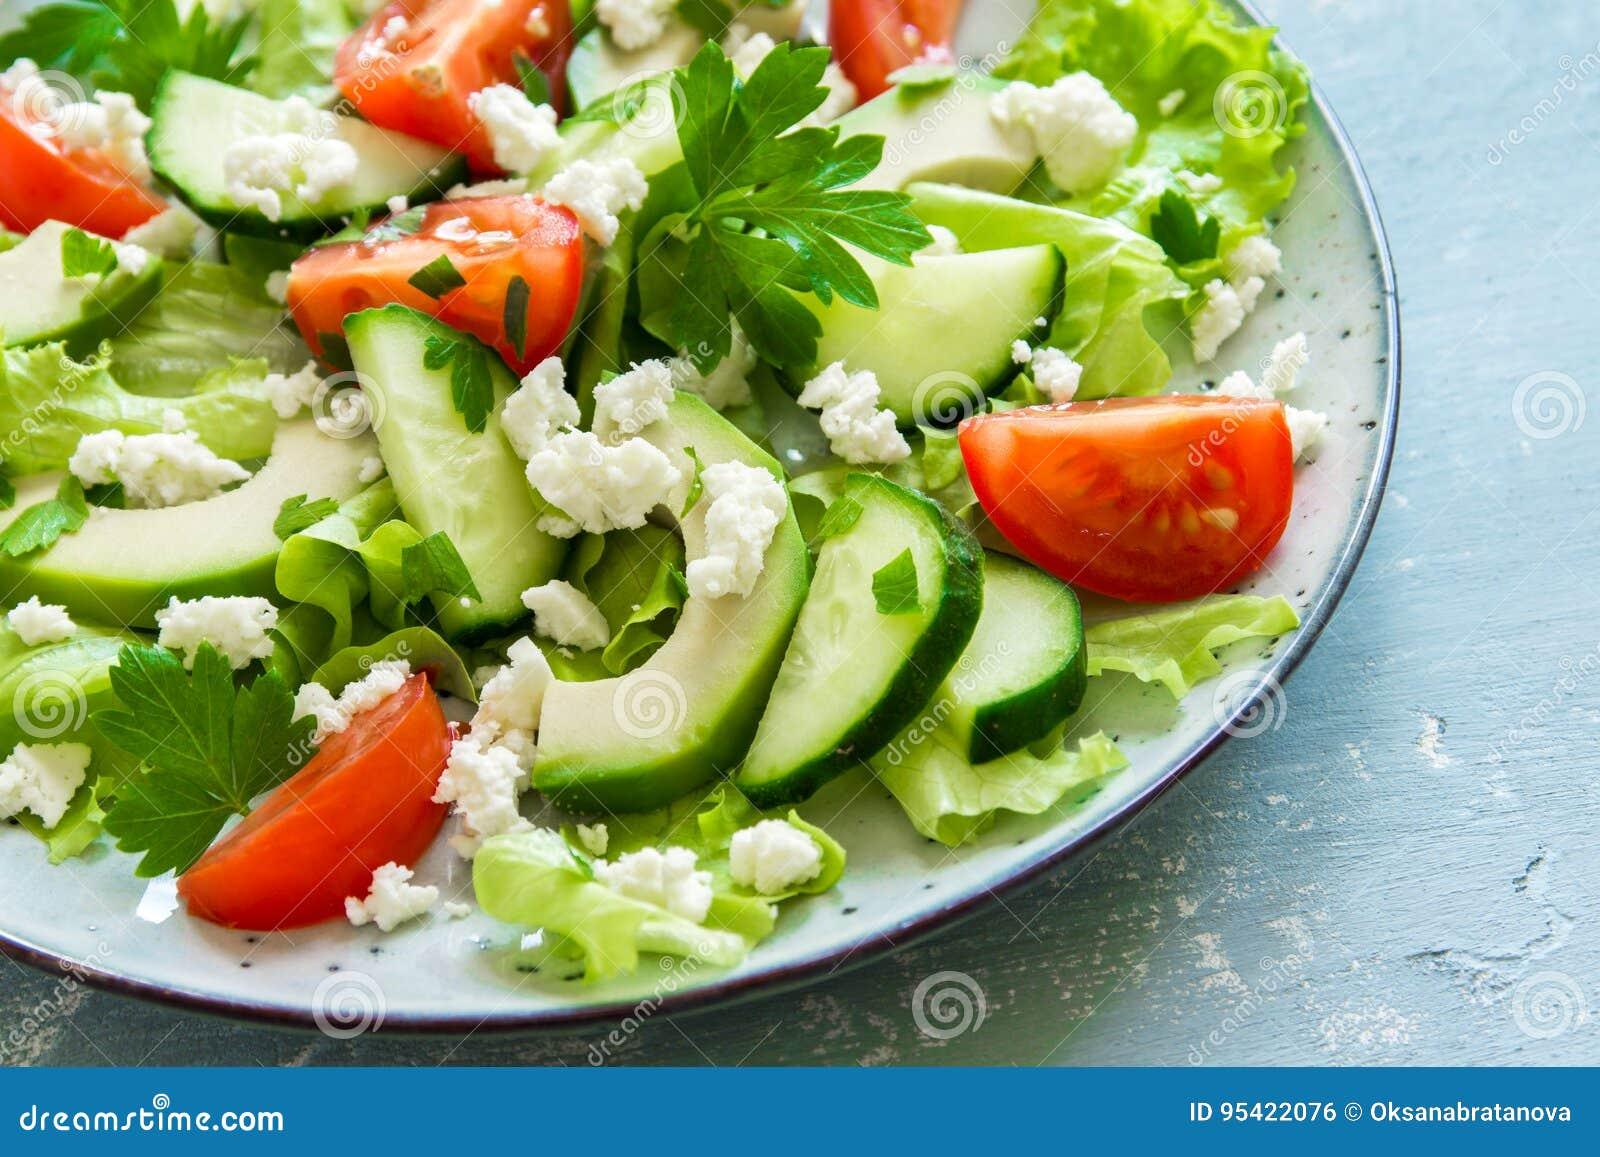 Grüner Salat Mit Avocado Und Feta Stockfoto - Bild von feta, blau ...